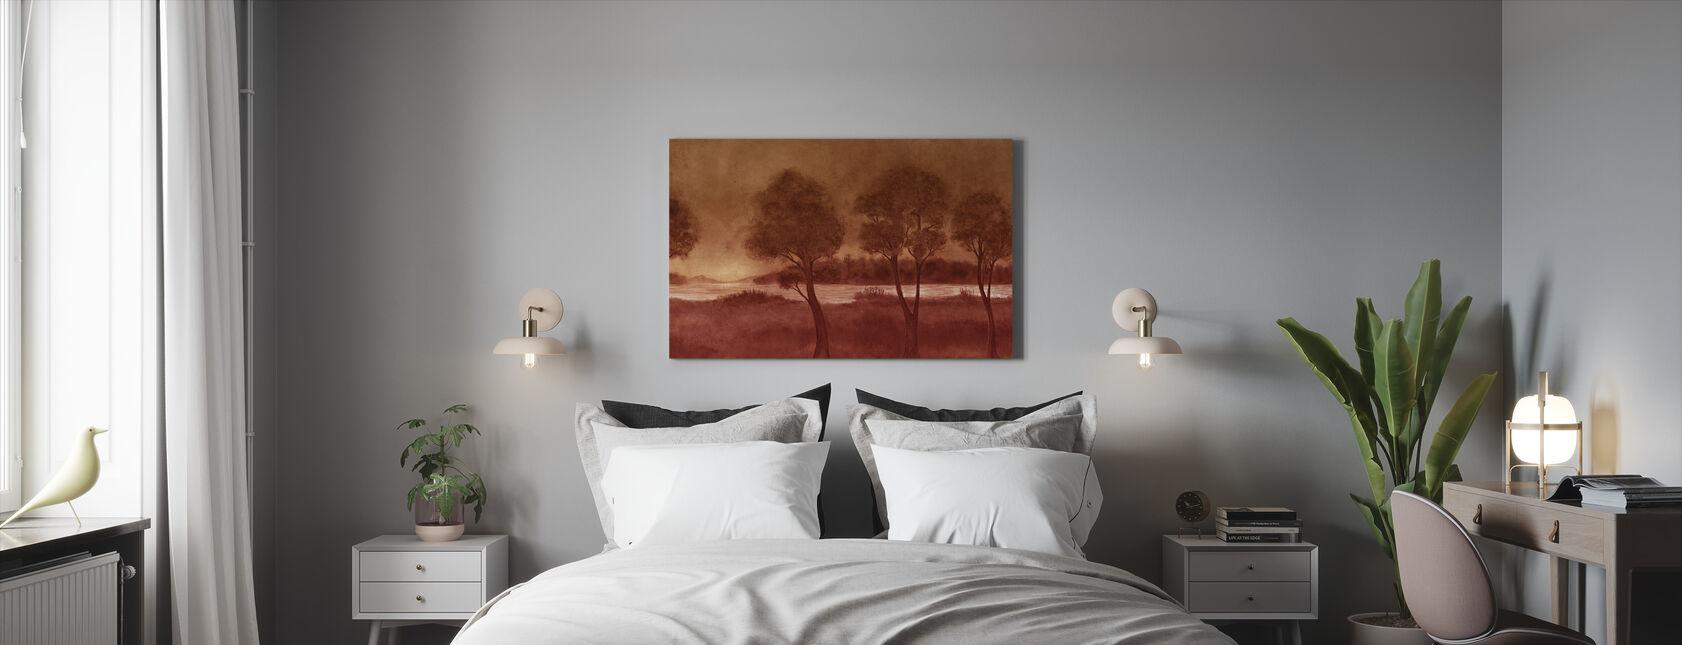 Bonny Landskaber - Hazel - Billede på lærred - Soveværelse